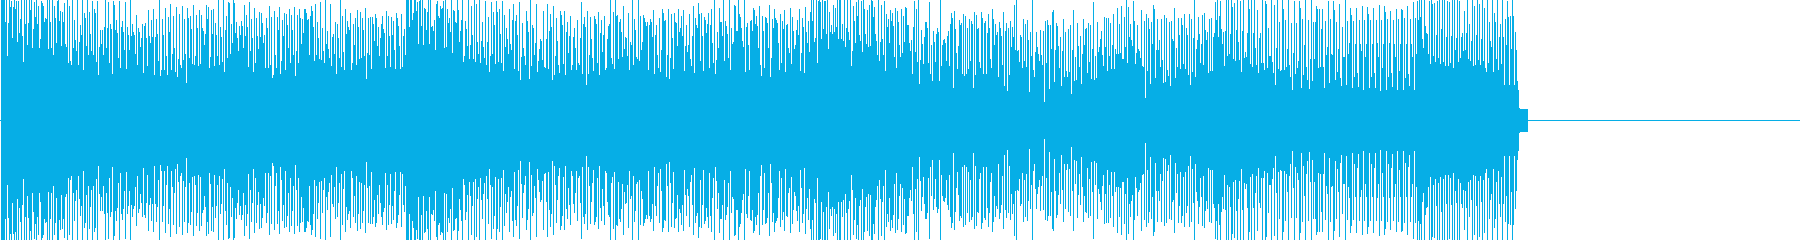 レトロゲームなチップチューンジングル25の再生済みの波形